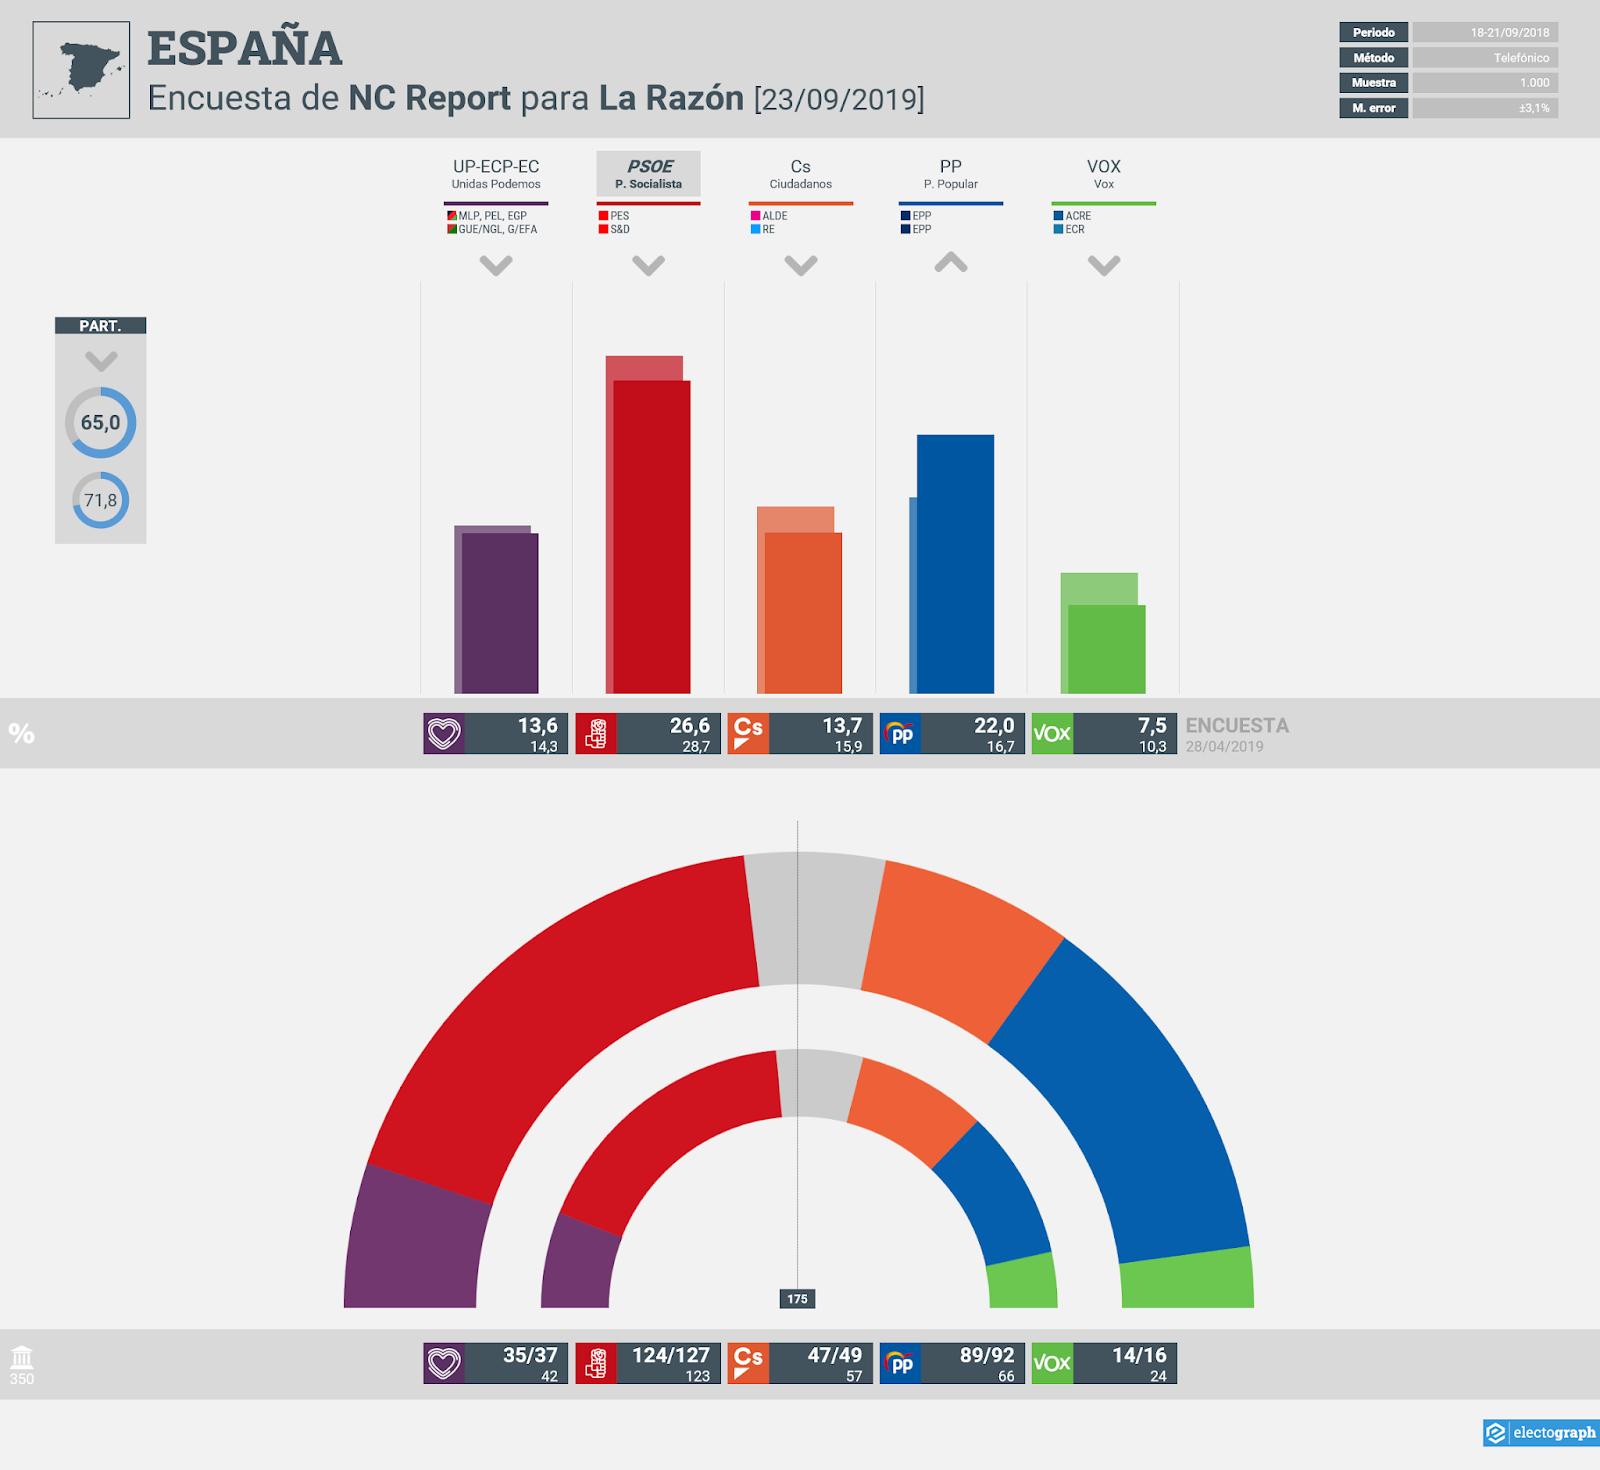 Gráfico de la encuesta para elecciones generales en España realizada por NC Report para La Razón, 23 de septiembre de 2019